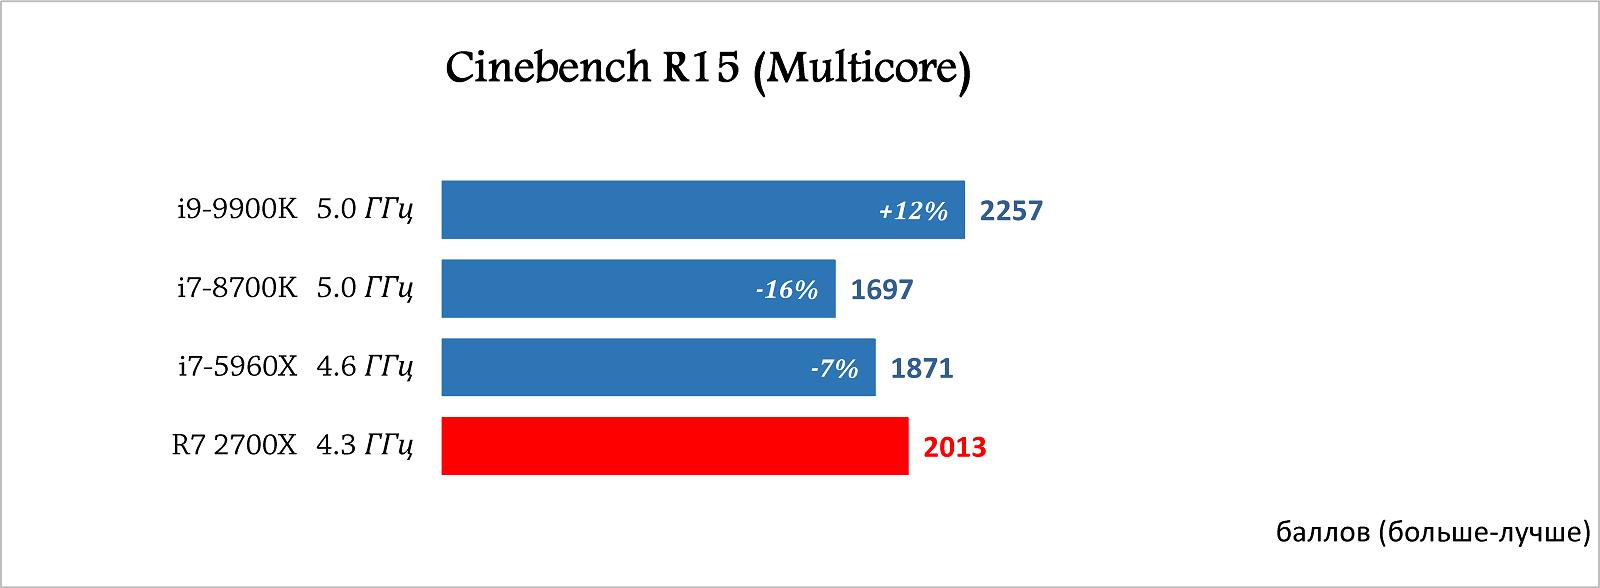 Kompyutery i komplektuyushcie - Obzor i testirovanie protsessora Intel Core i9-9900K: lider oktagona?